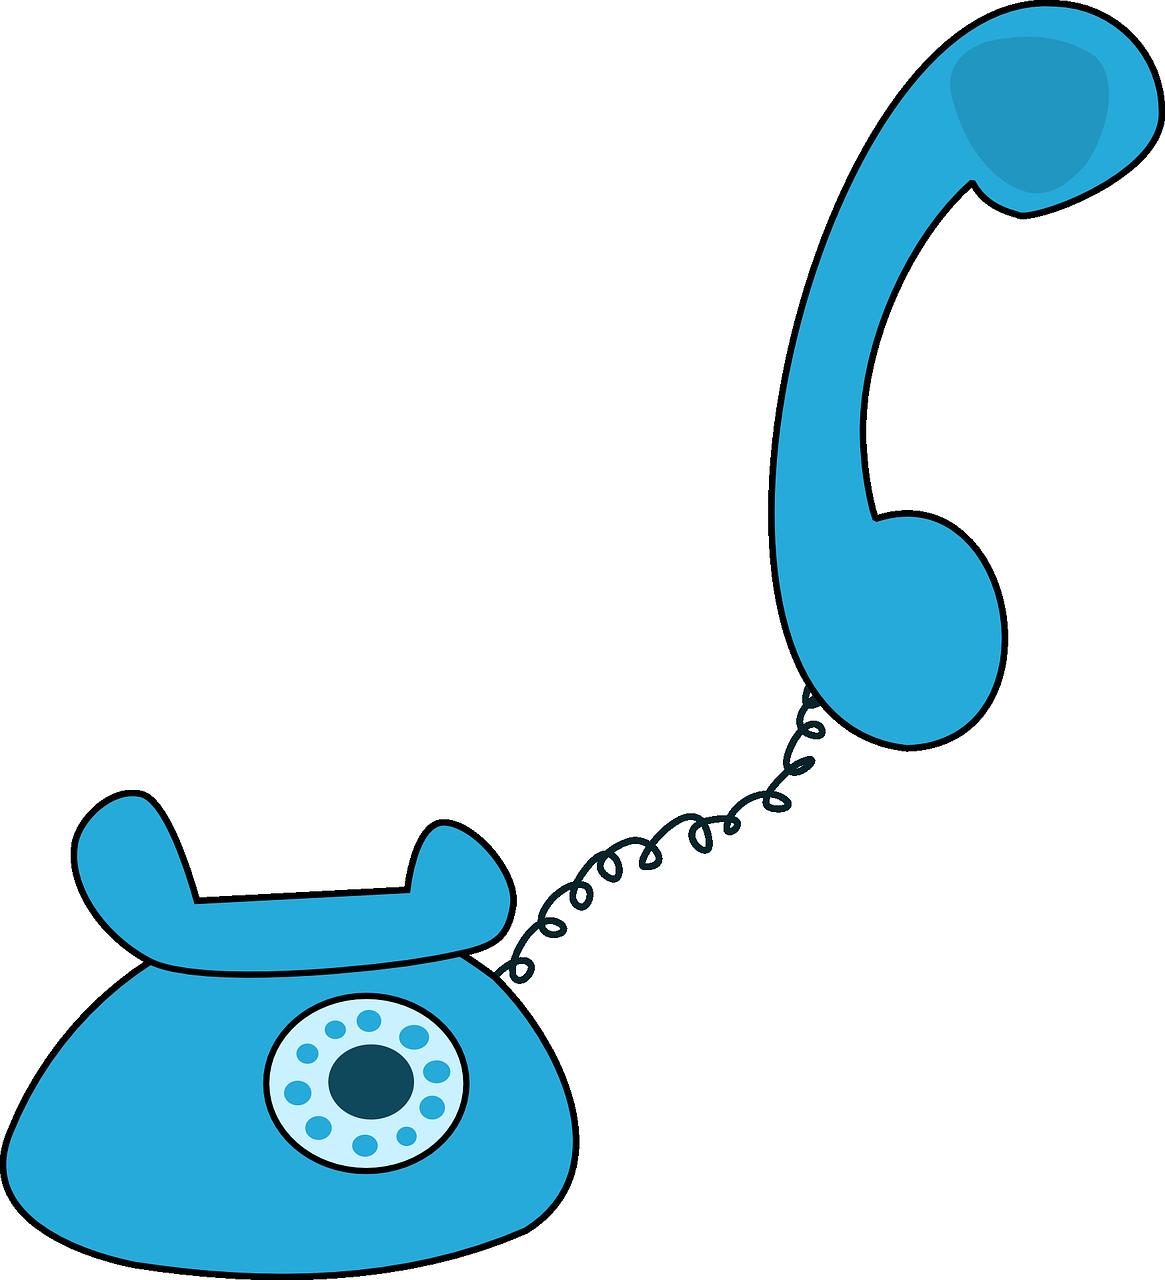 glasvezeltelefoon